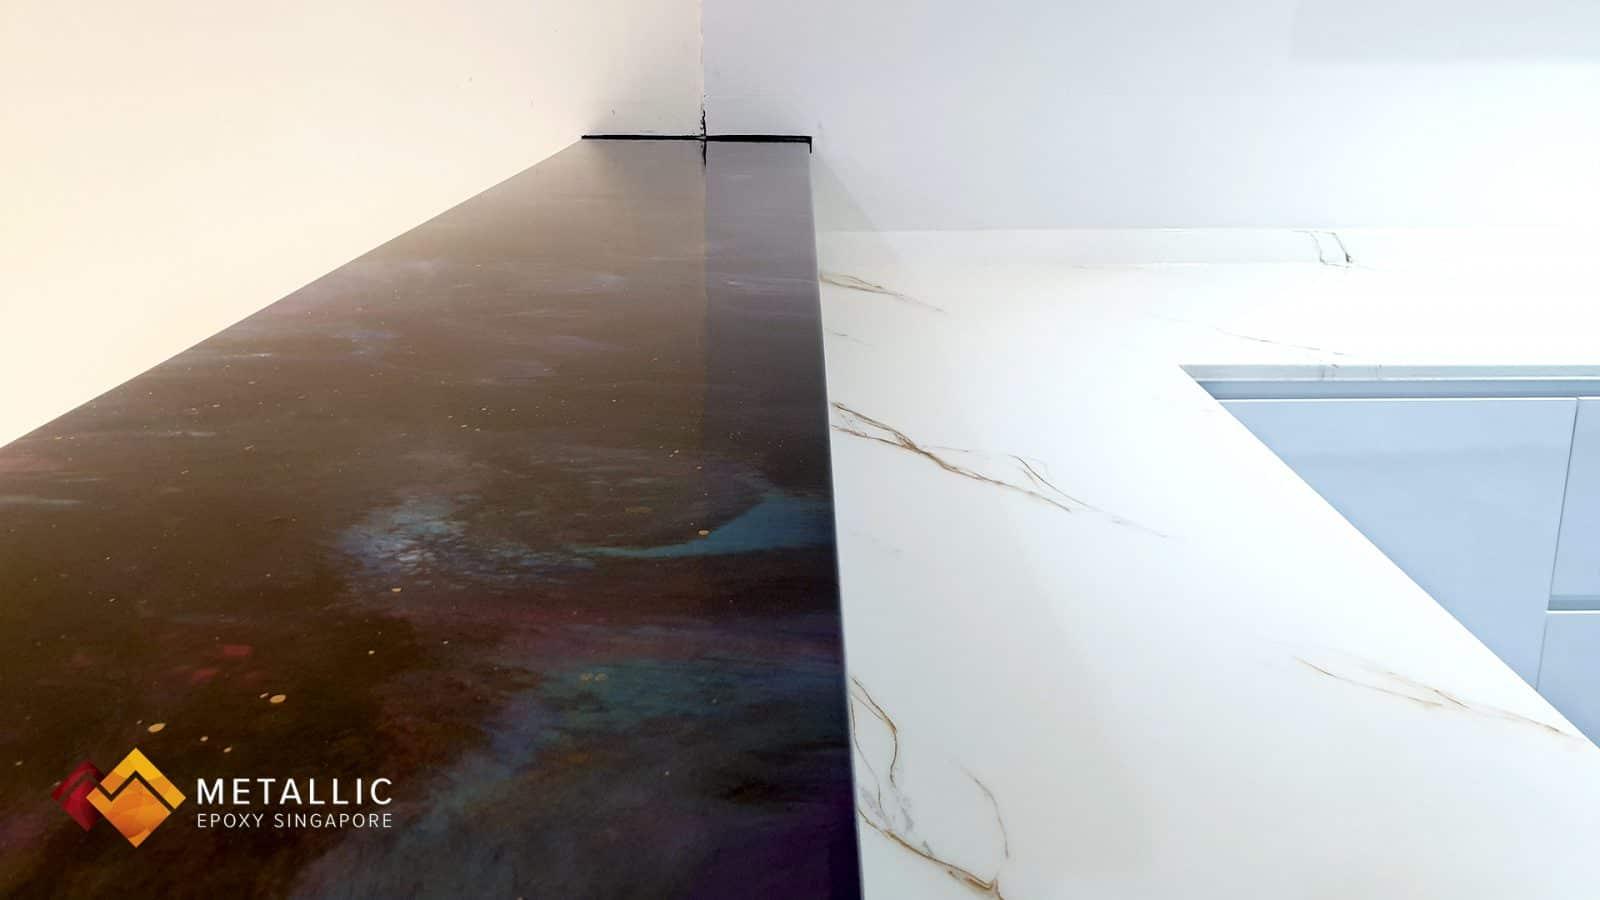 Metallic Epoxy Singapore Natural White Marble Countertop